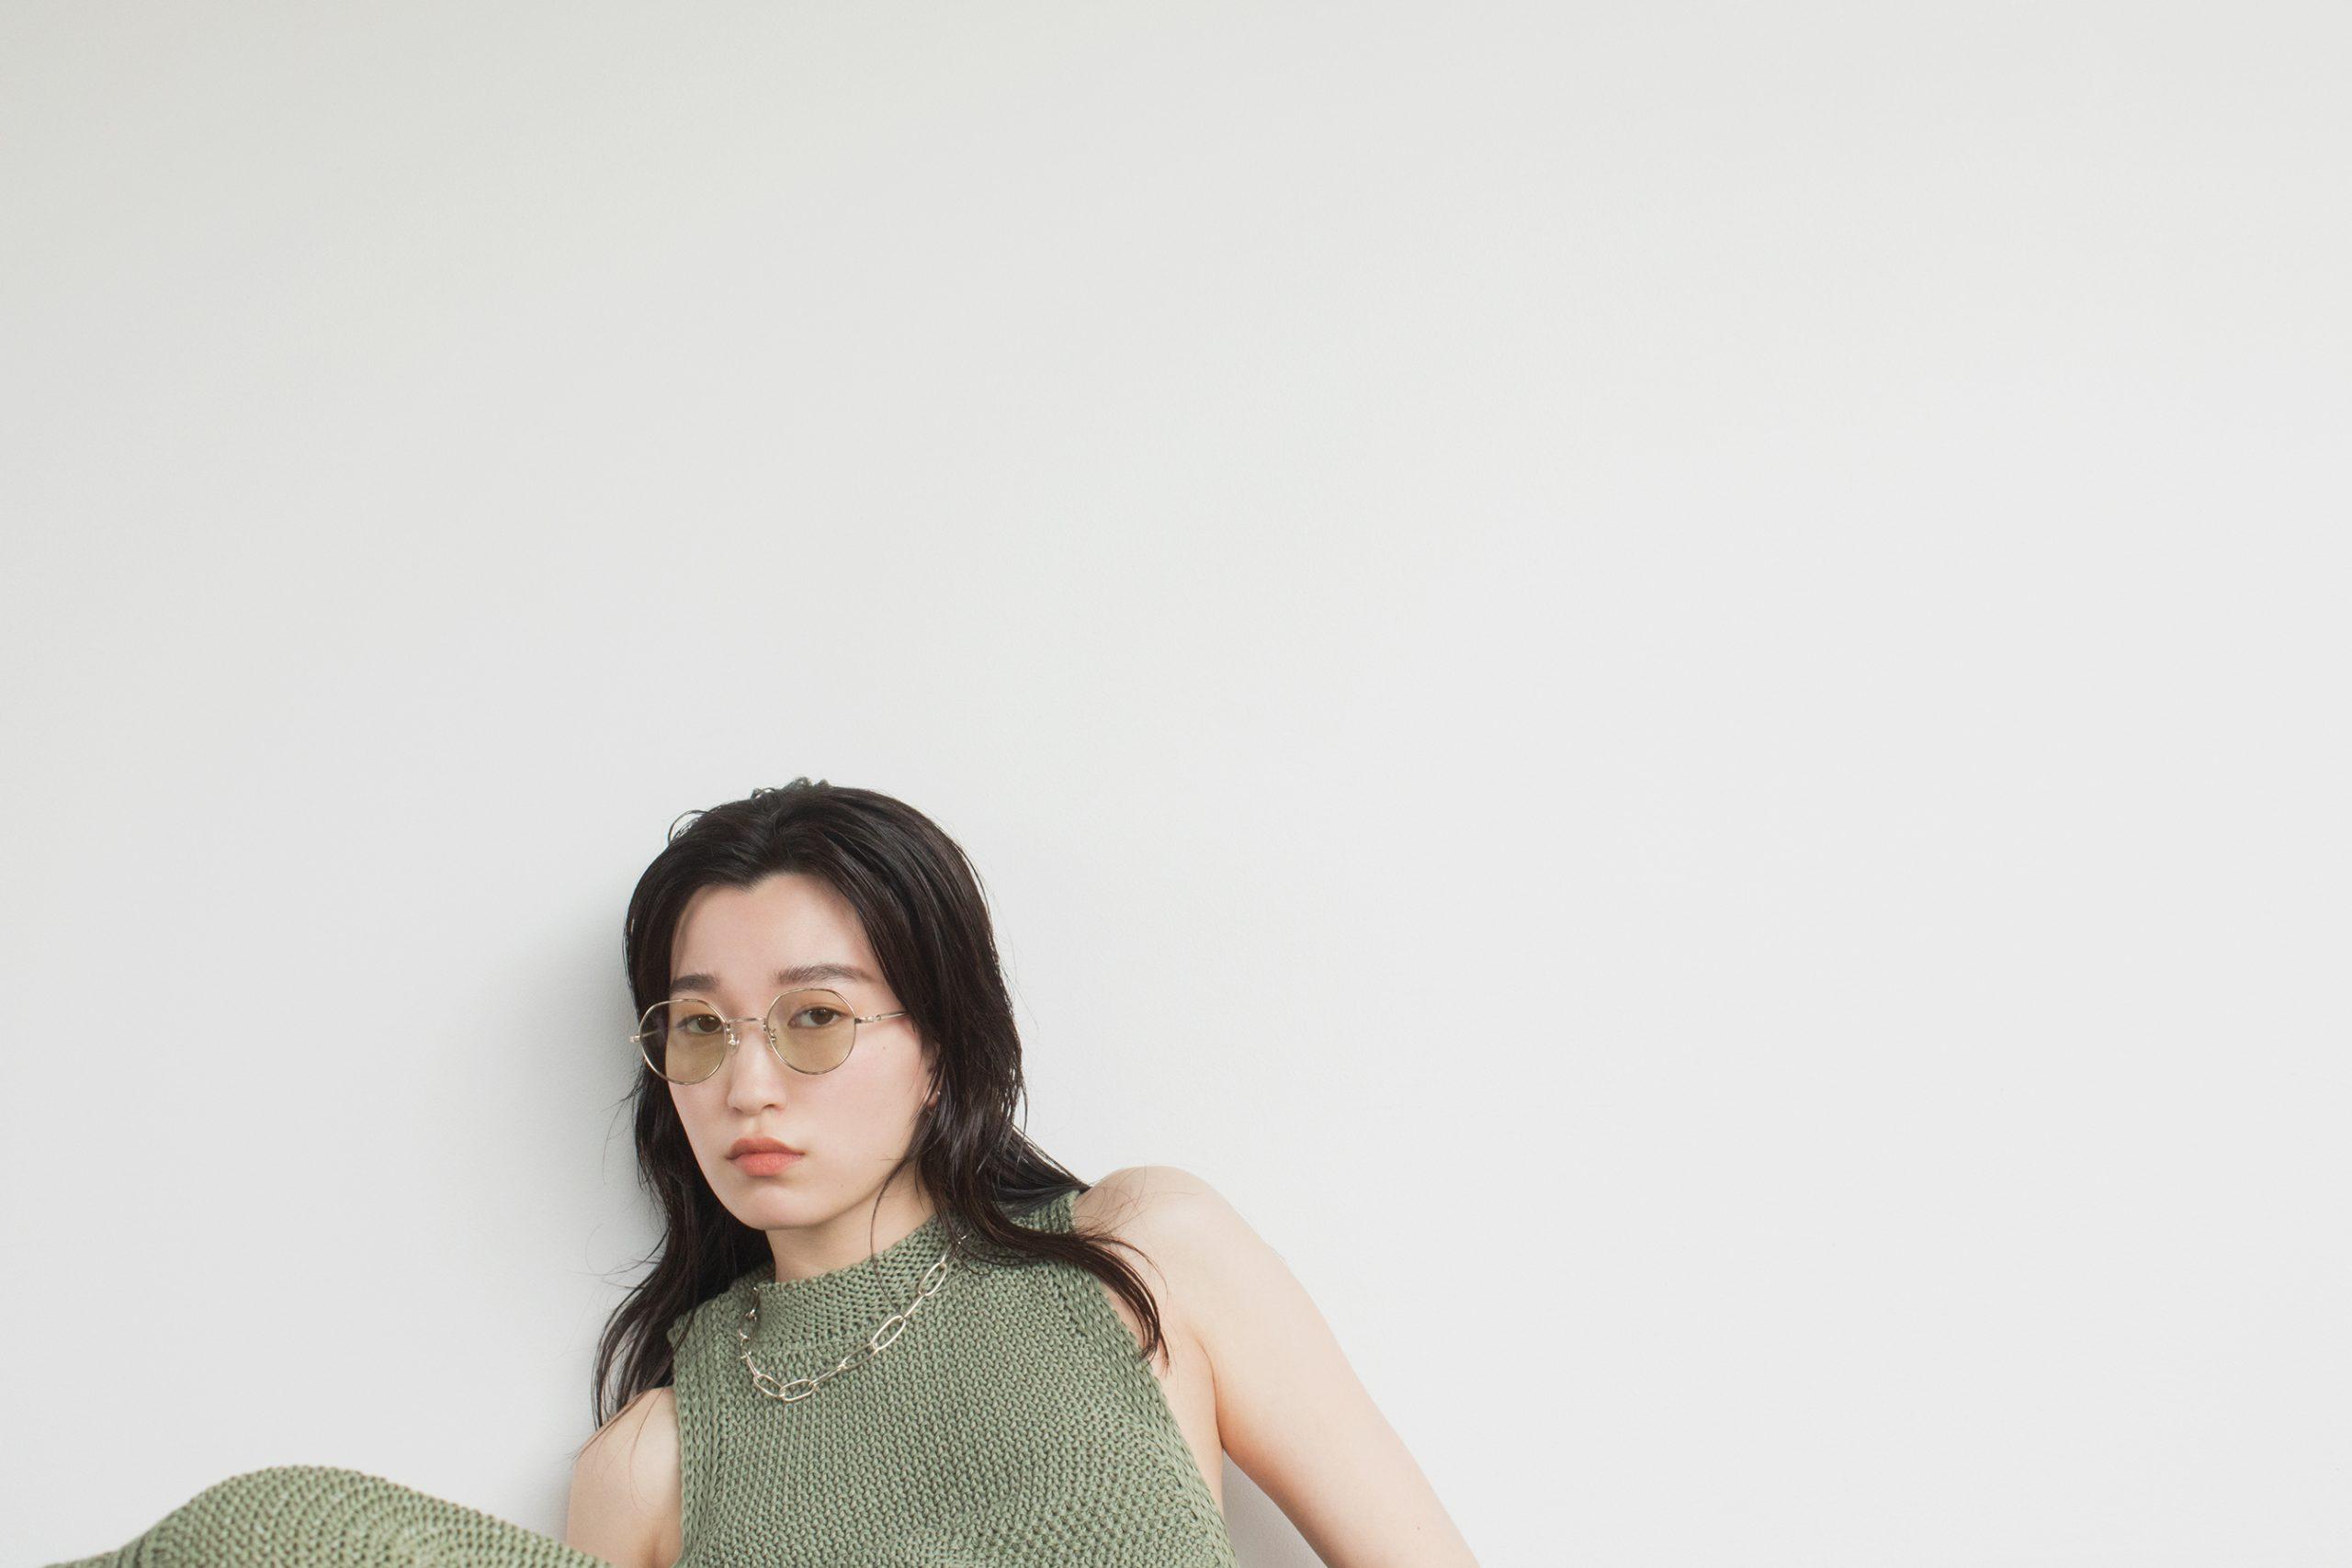 人気ブランド「TODAYFUL」クリエイティブディレクター吉田怜香とのコラボレーションモデル「Zoff × REIKA YOSHIDA」が発売!